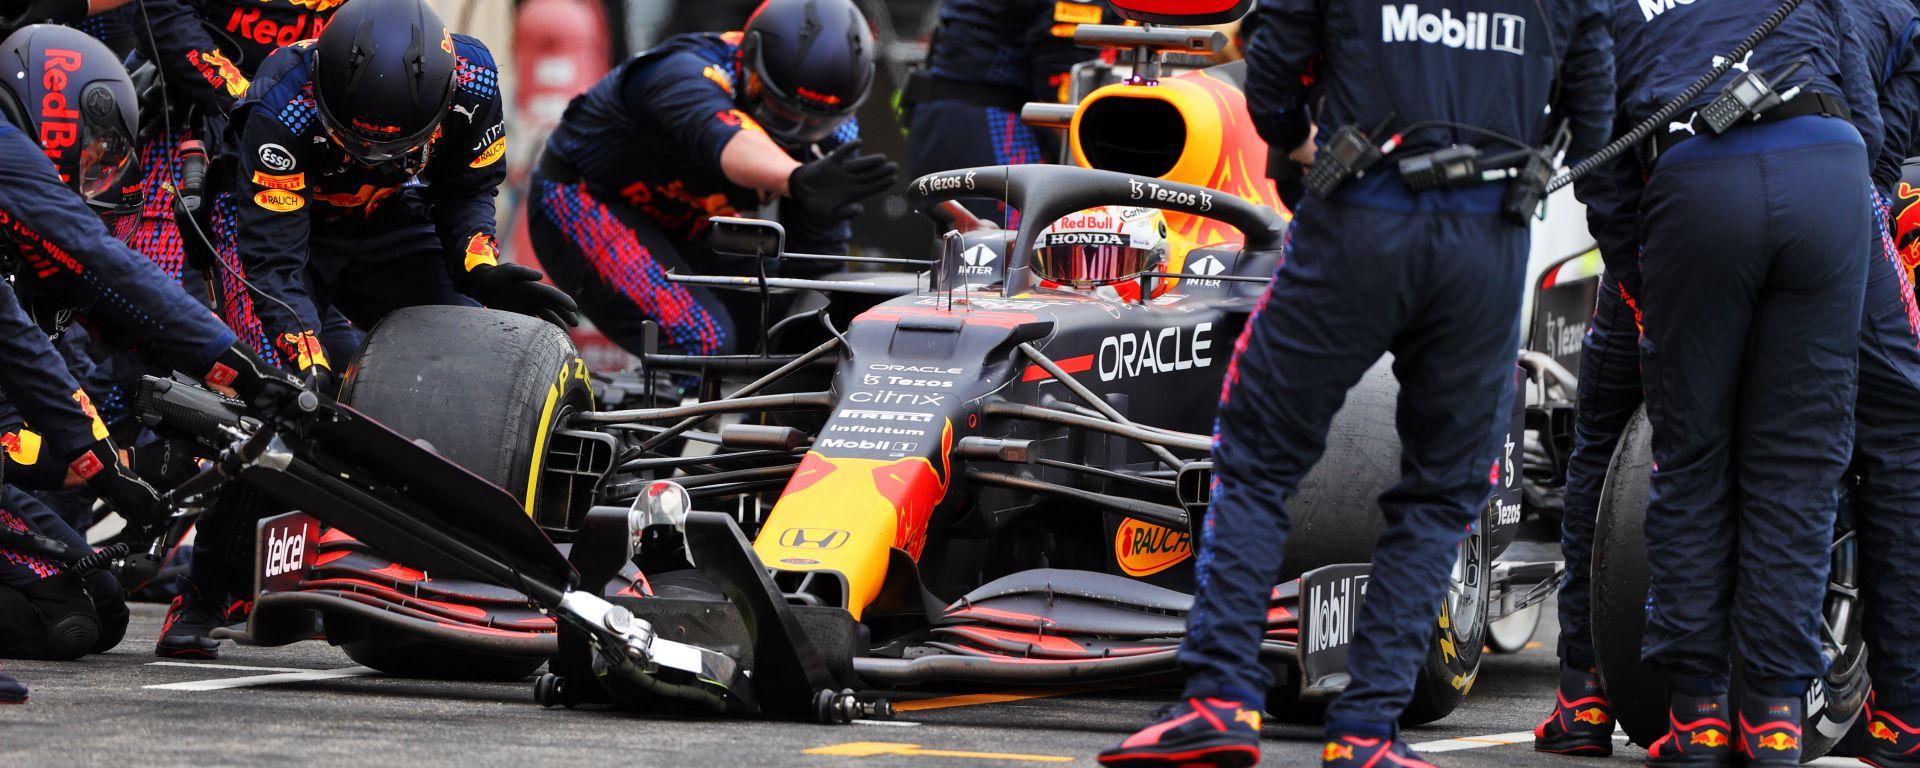 F1 GP Francia 2021, Le Castellet: un pit-stop di Max Verstappen (Red Bull Racing)